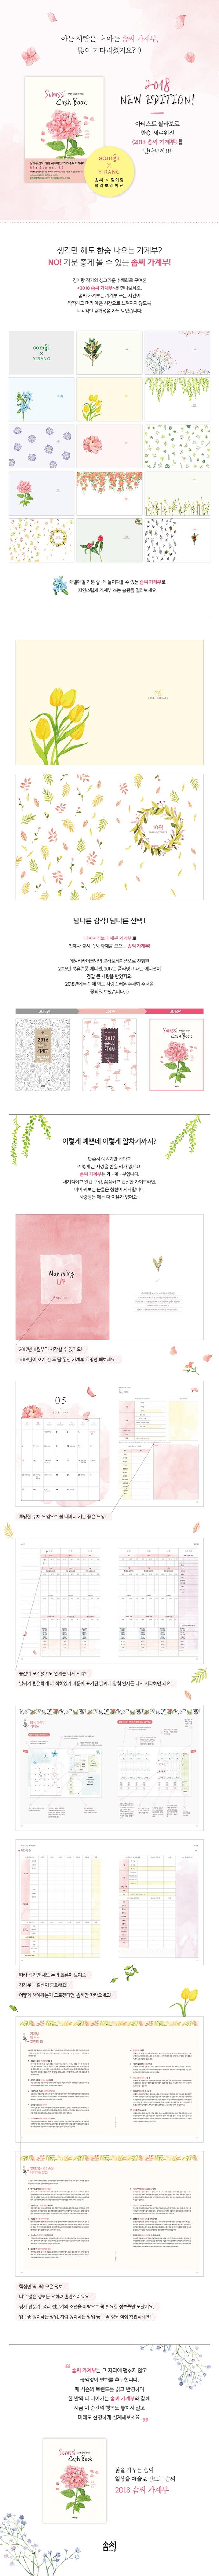 솜씨 가계부(2018)(양장본 HardCover) 도서 상세이미지